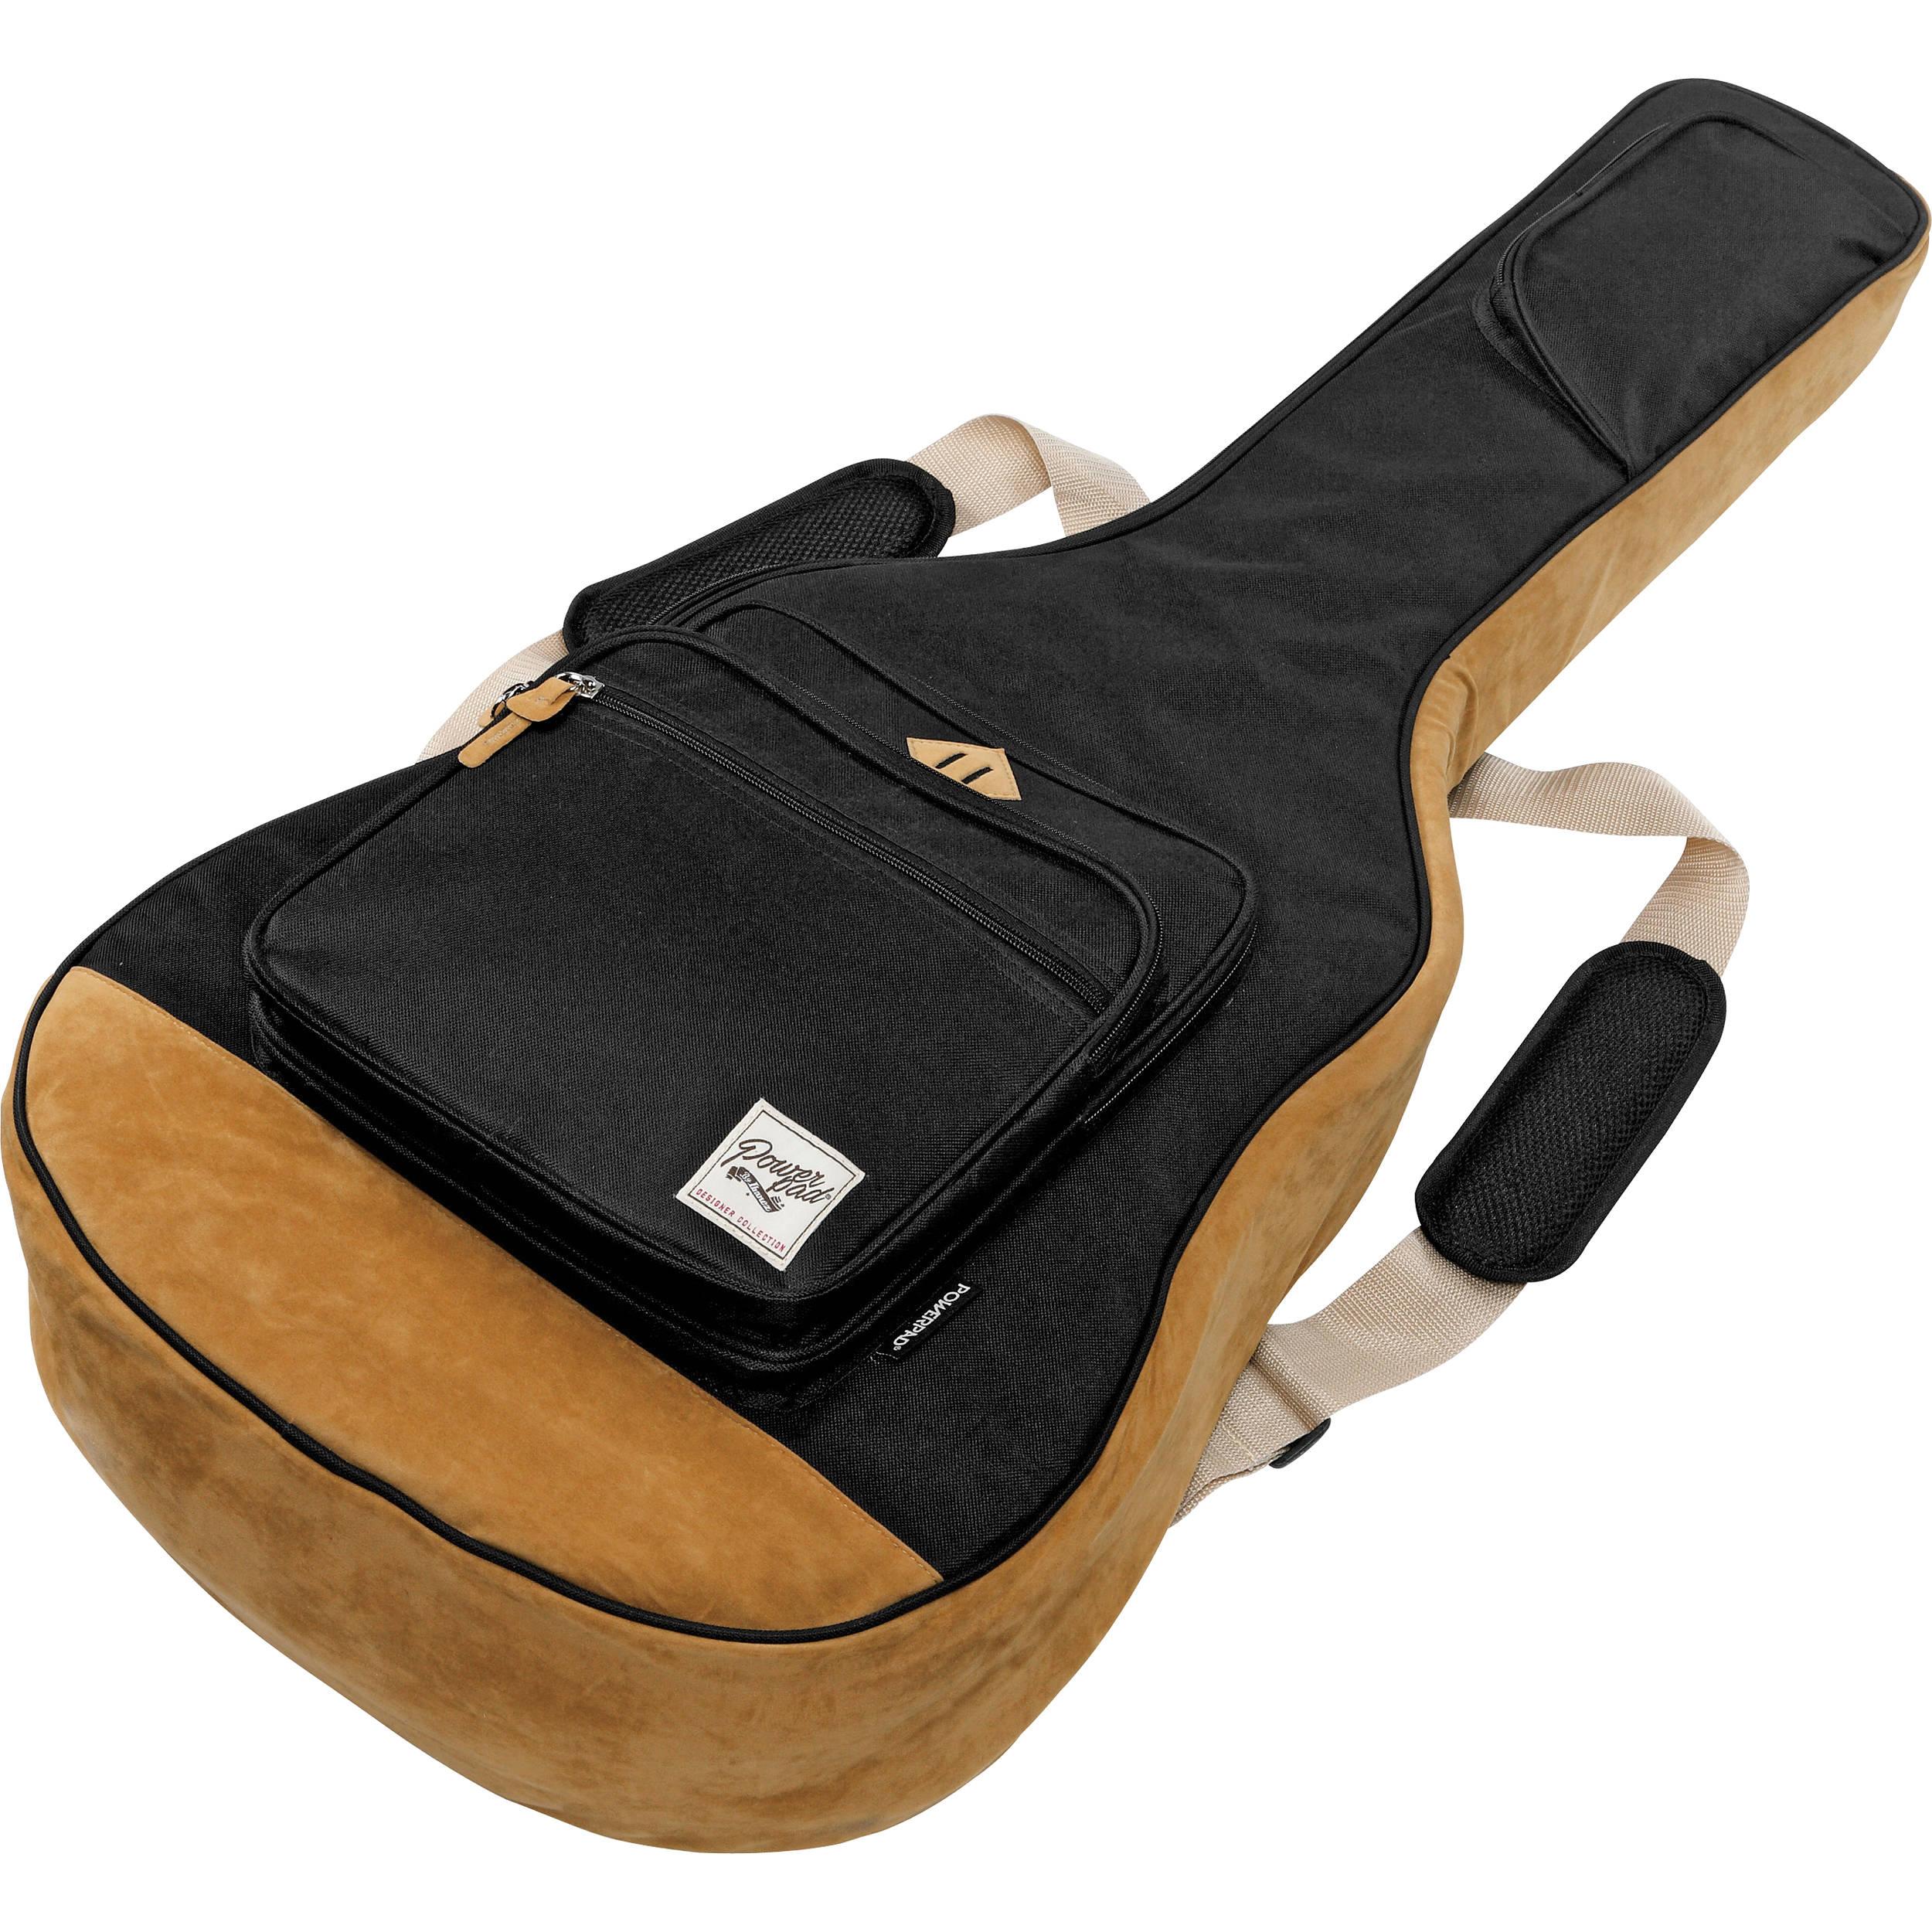 Ibanez Iab541 Bk Pad Gig Bag For Acoustic Guitars Black